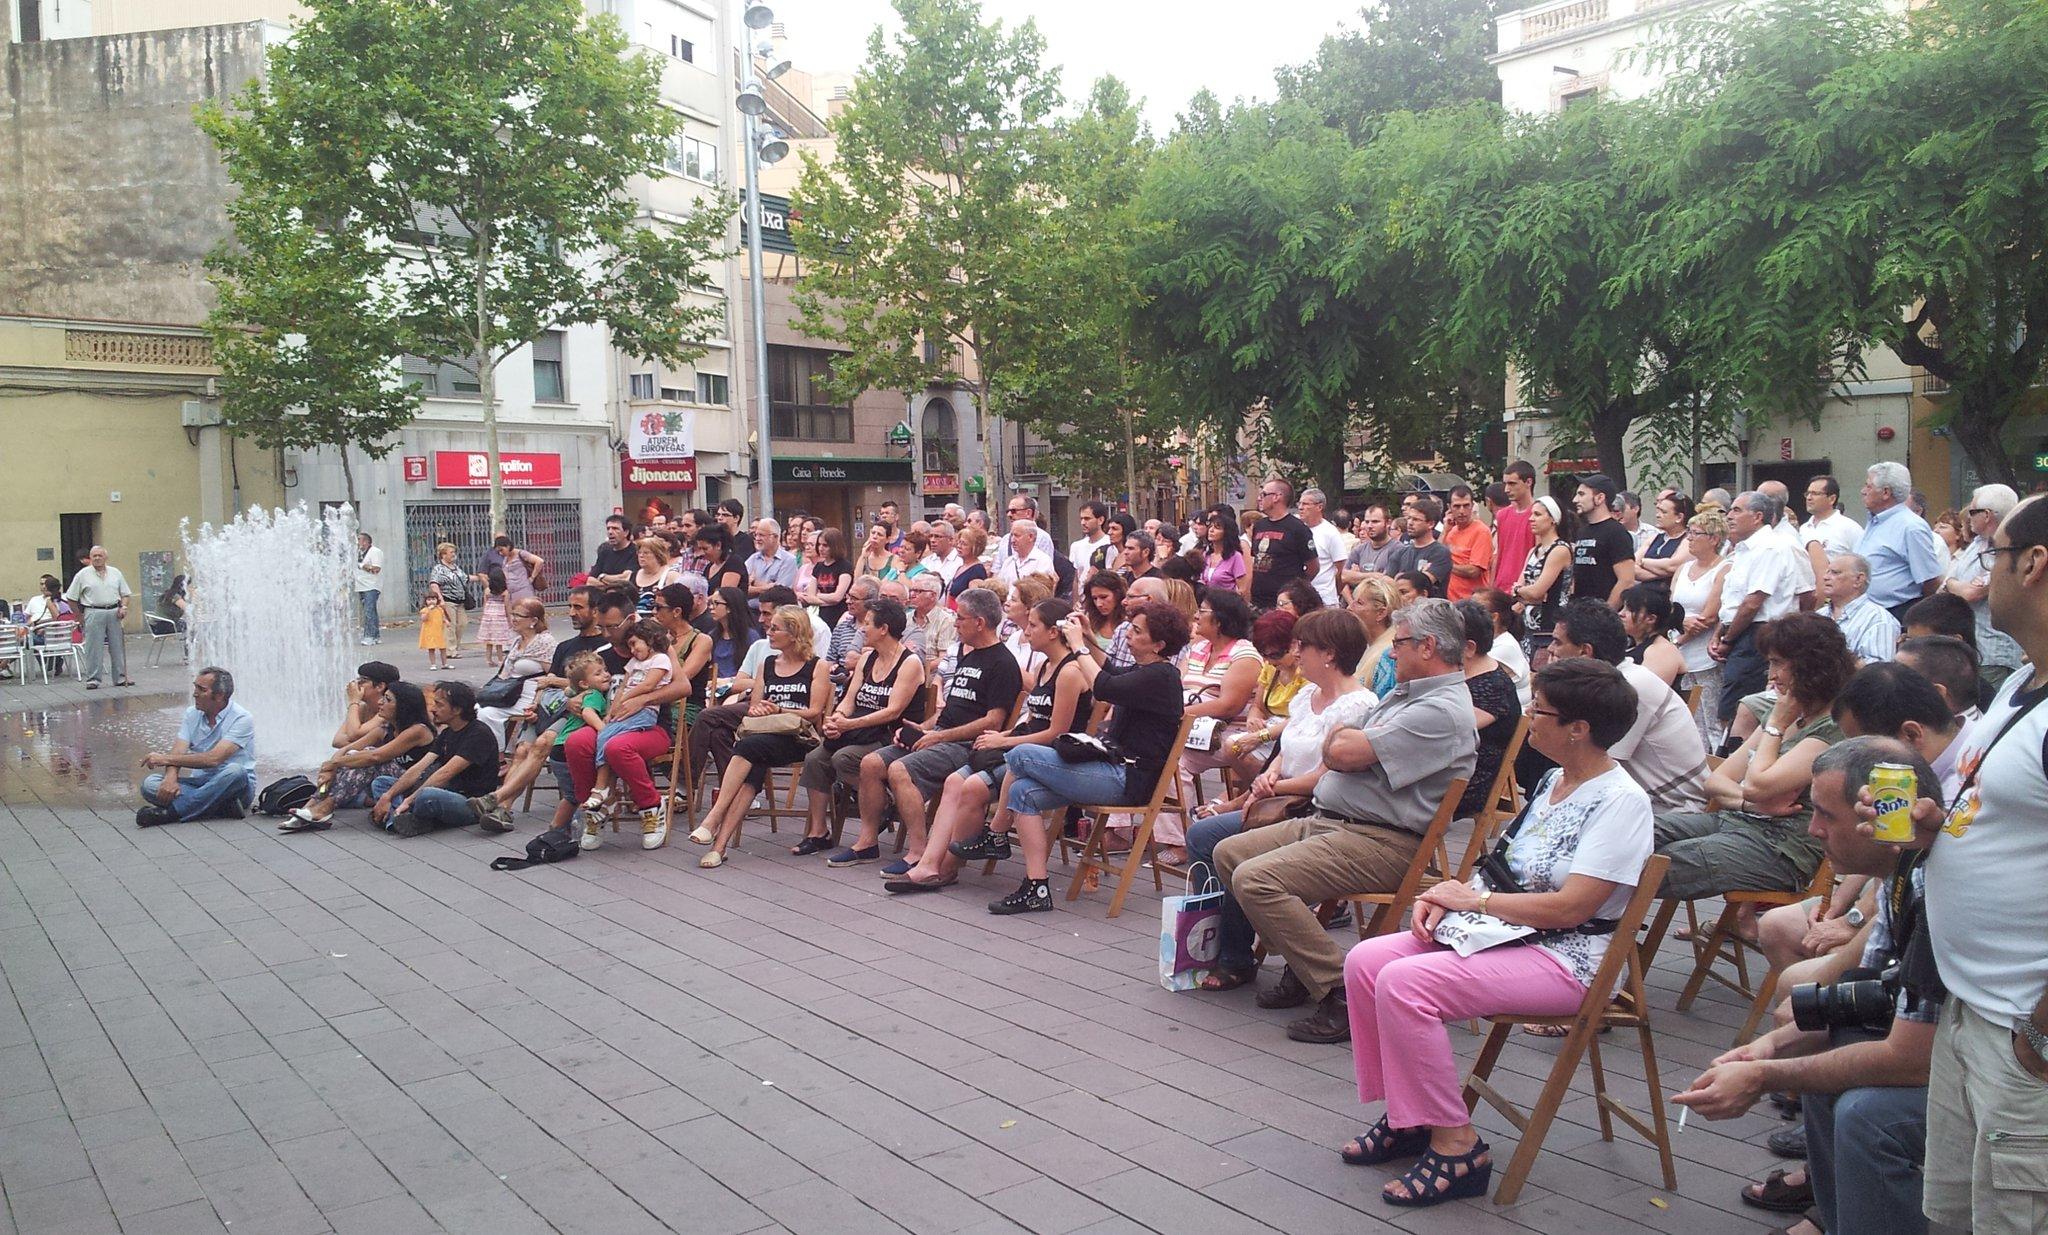 ara mateix tornem a omplir la plaça de #santboi solidaritat amb la #resistenciaminera http://t.co/u3YytPkq